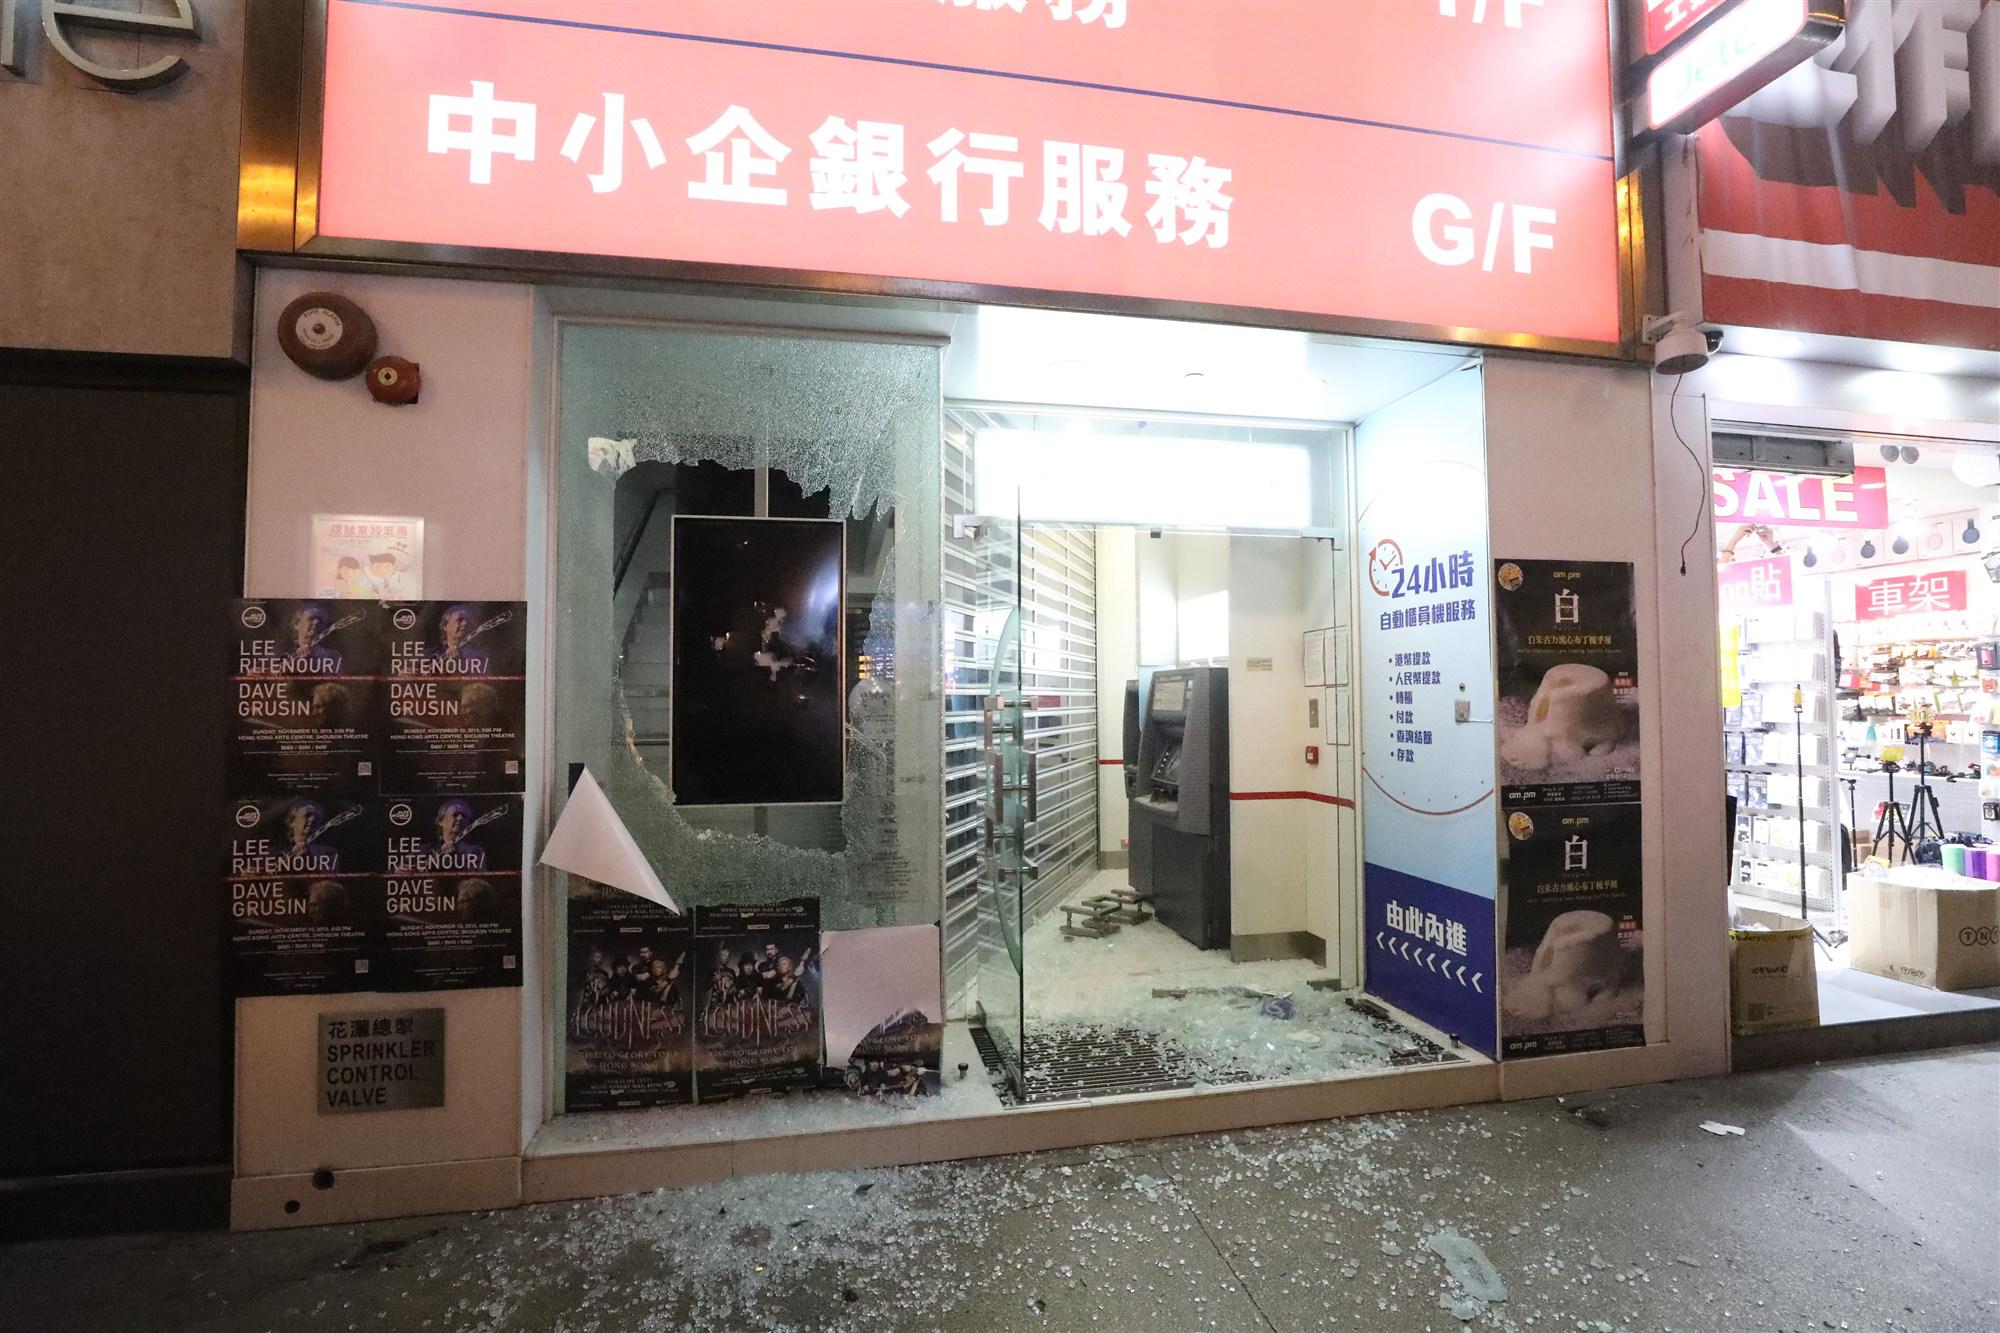 暴徒破壞影響民生 港鐵停駛銀行超市關門